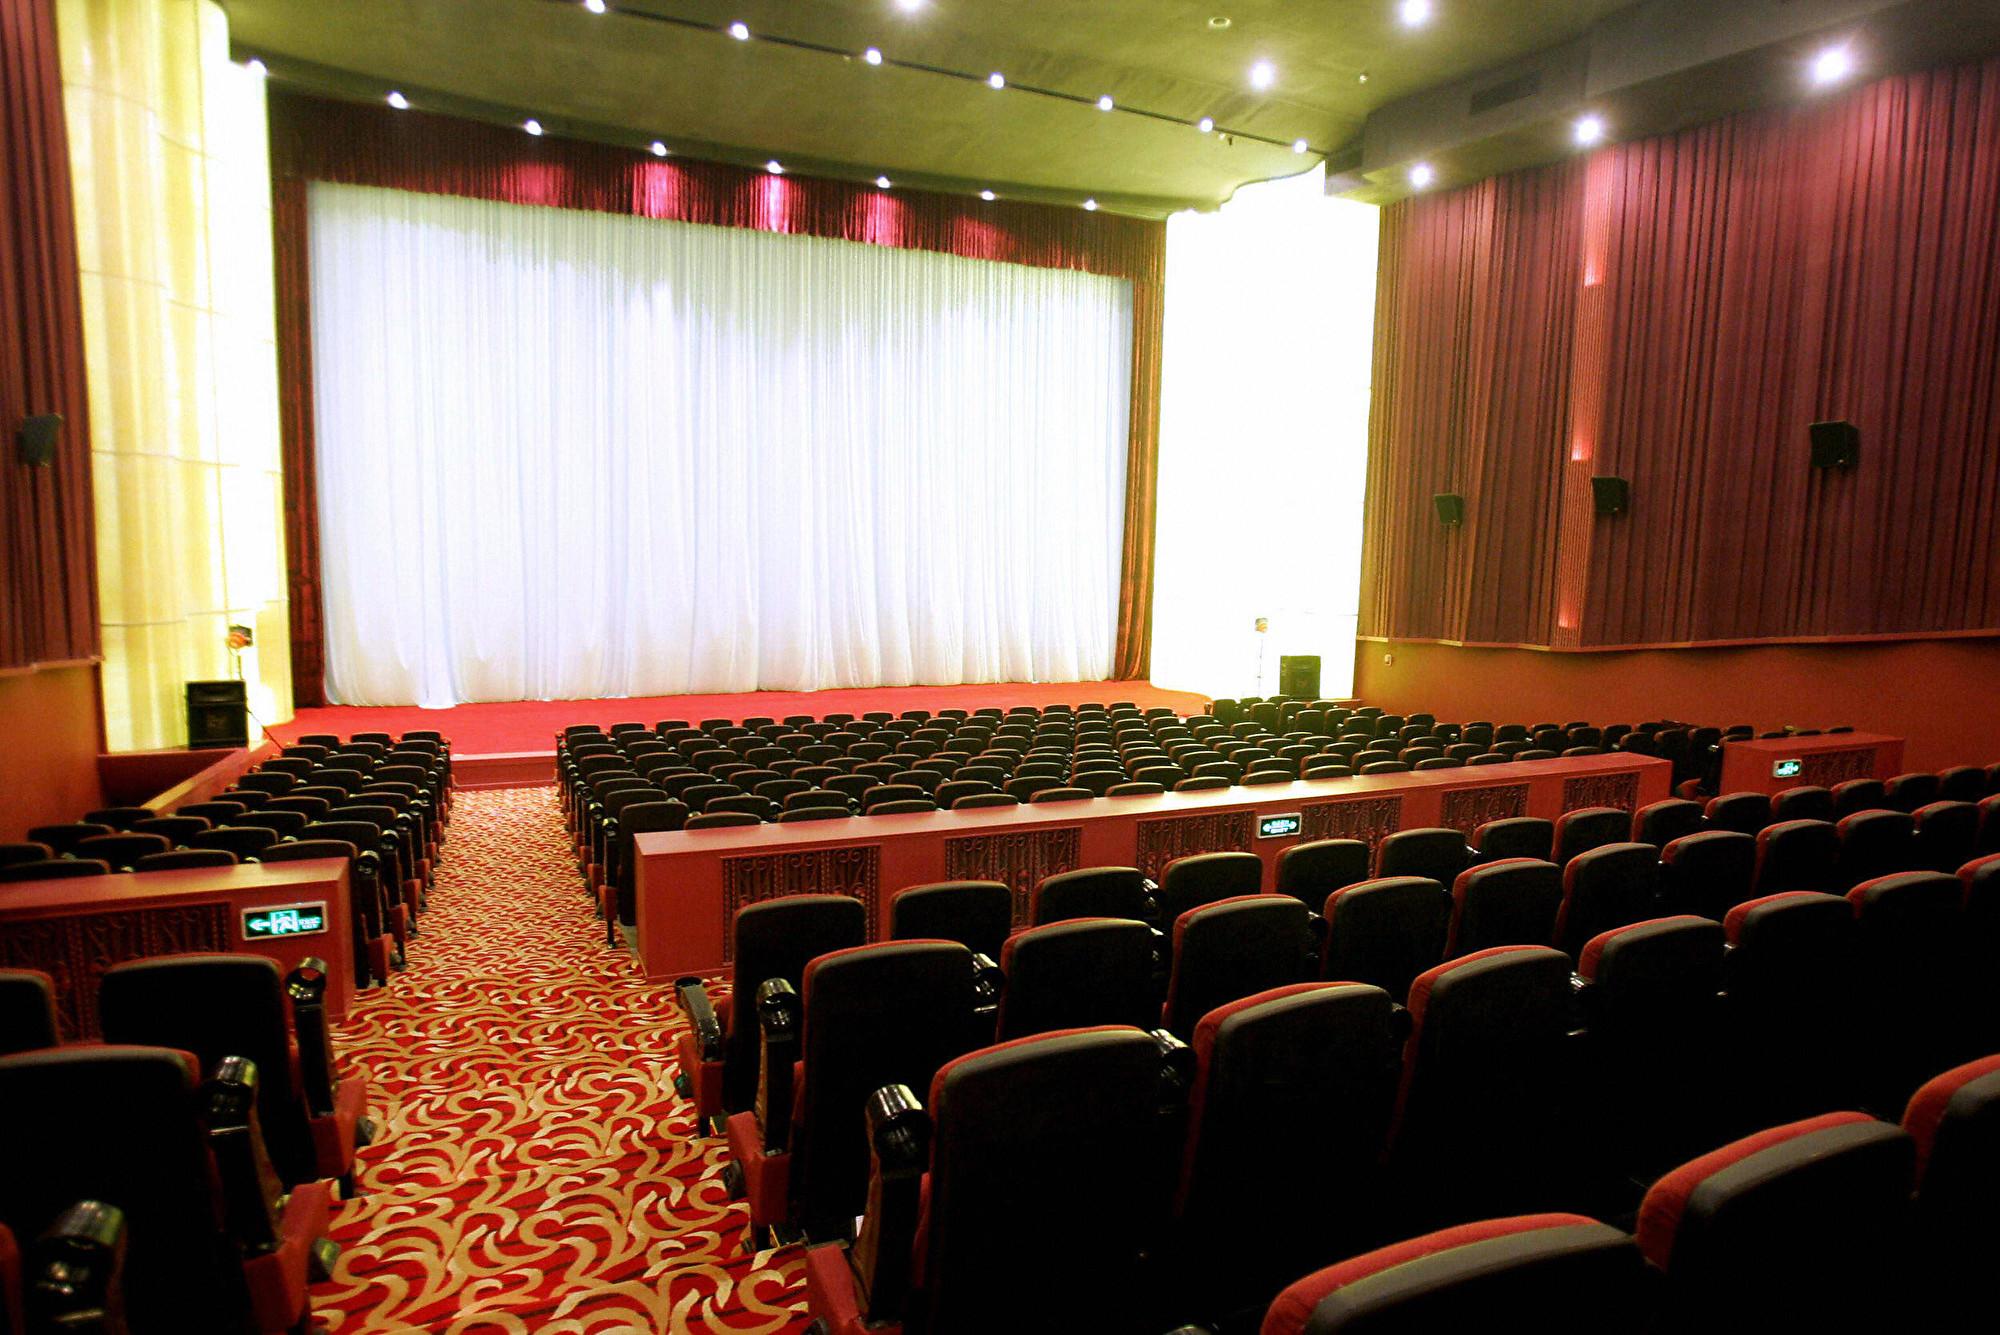 為保經濟,中共要求影院2020年3月恢復營業,實行隔排隔座售票,但最新消息顯示,當局現在又突然叫停。圖為中國北京的大觀樓影城。(STR/AFP via Getty Images)